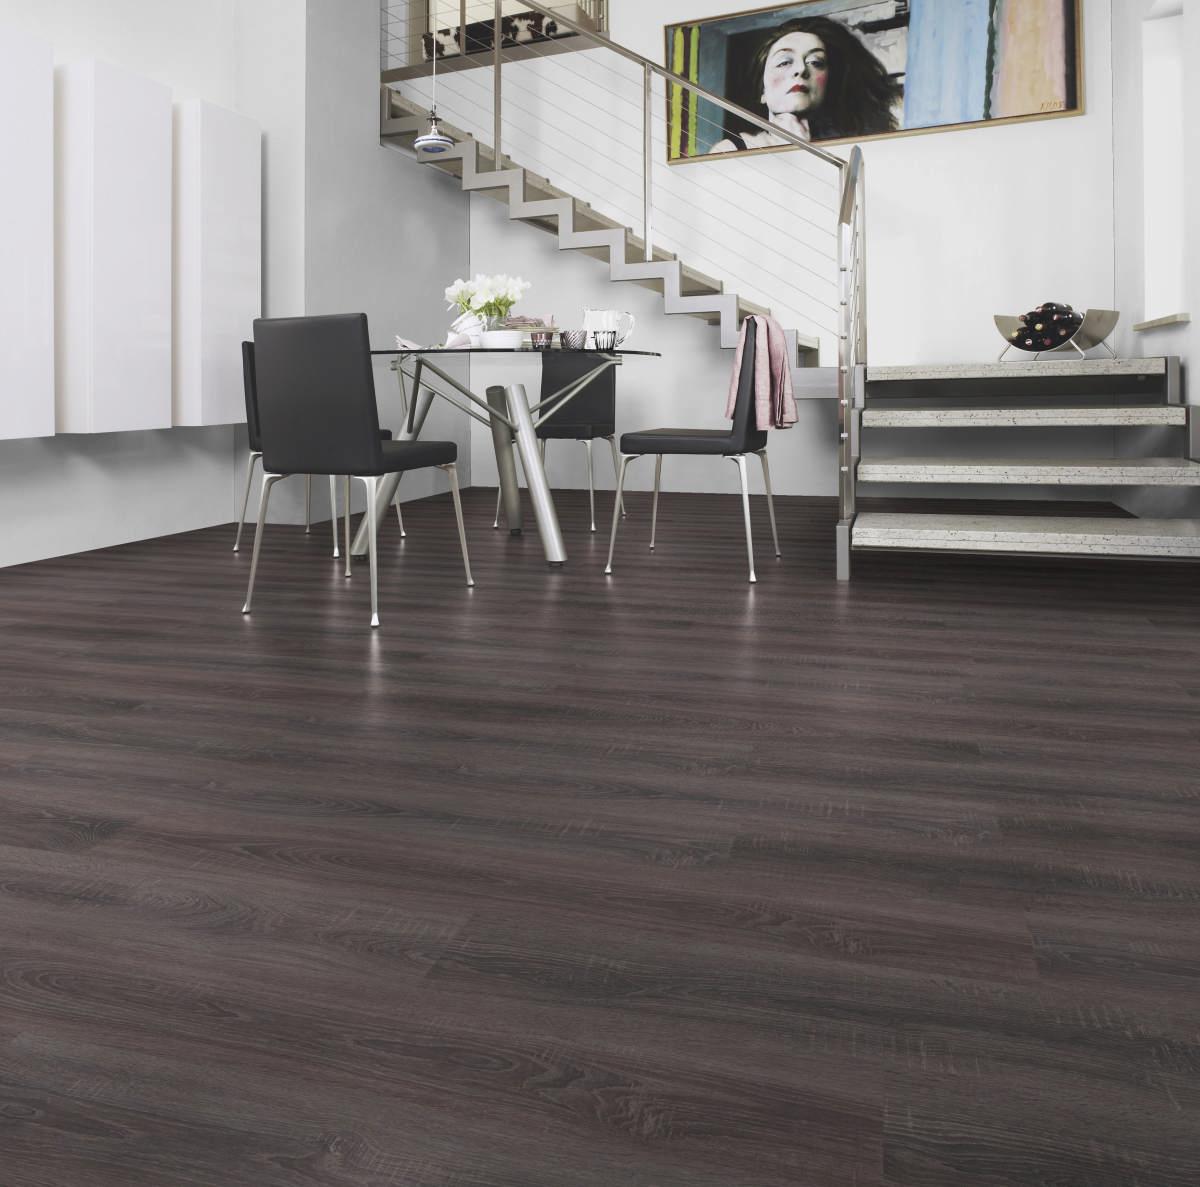 giá sàn gỗ kronoswiss